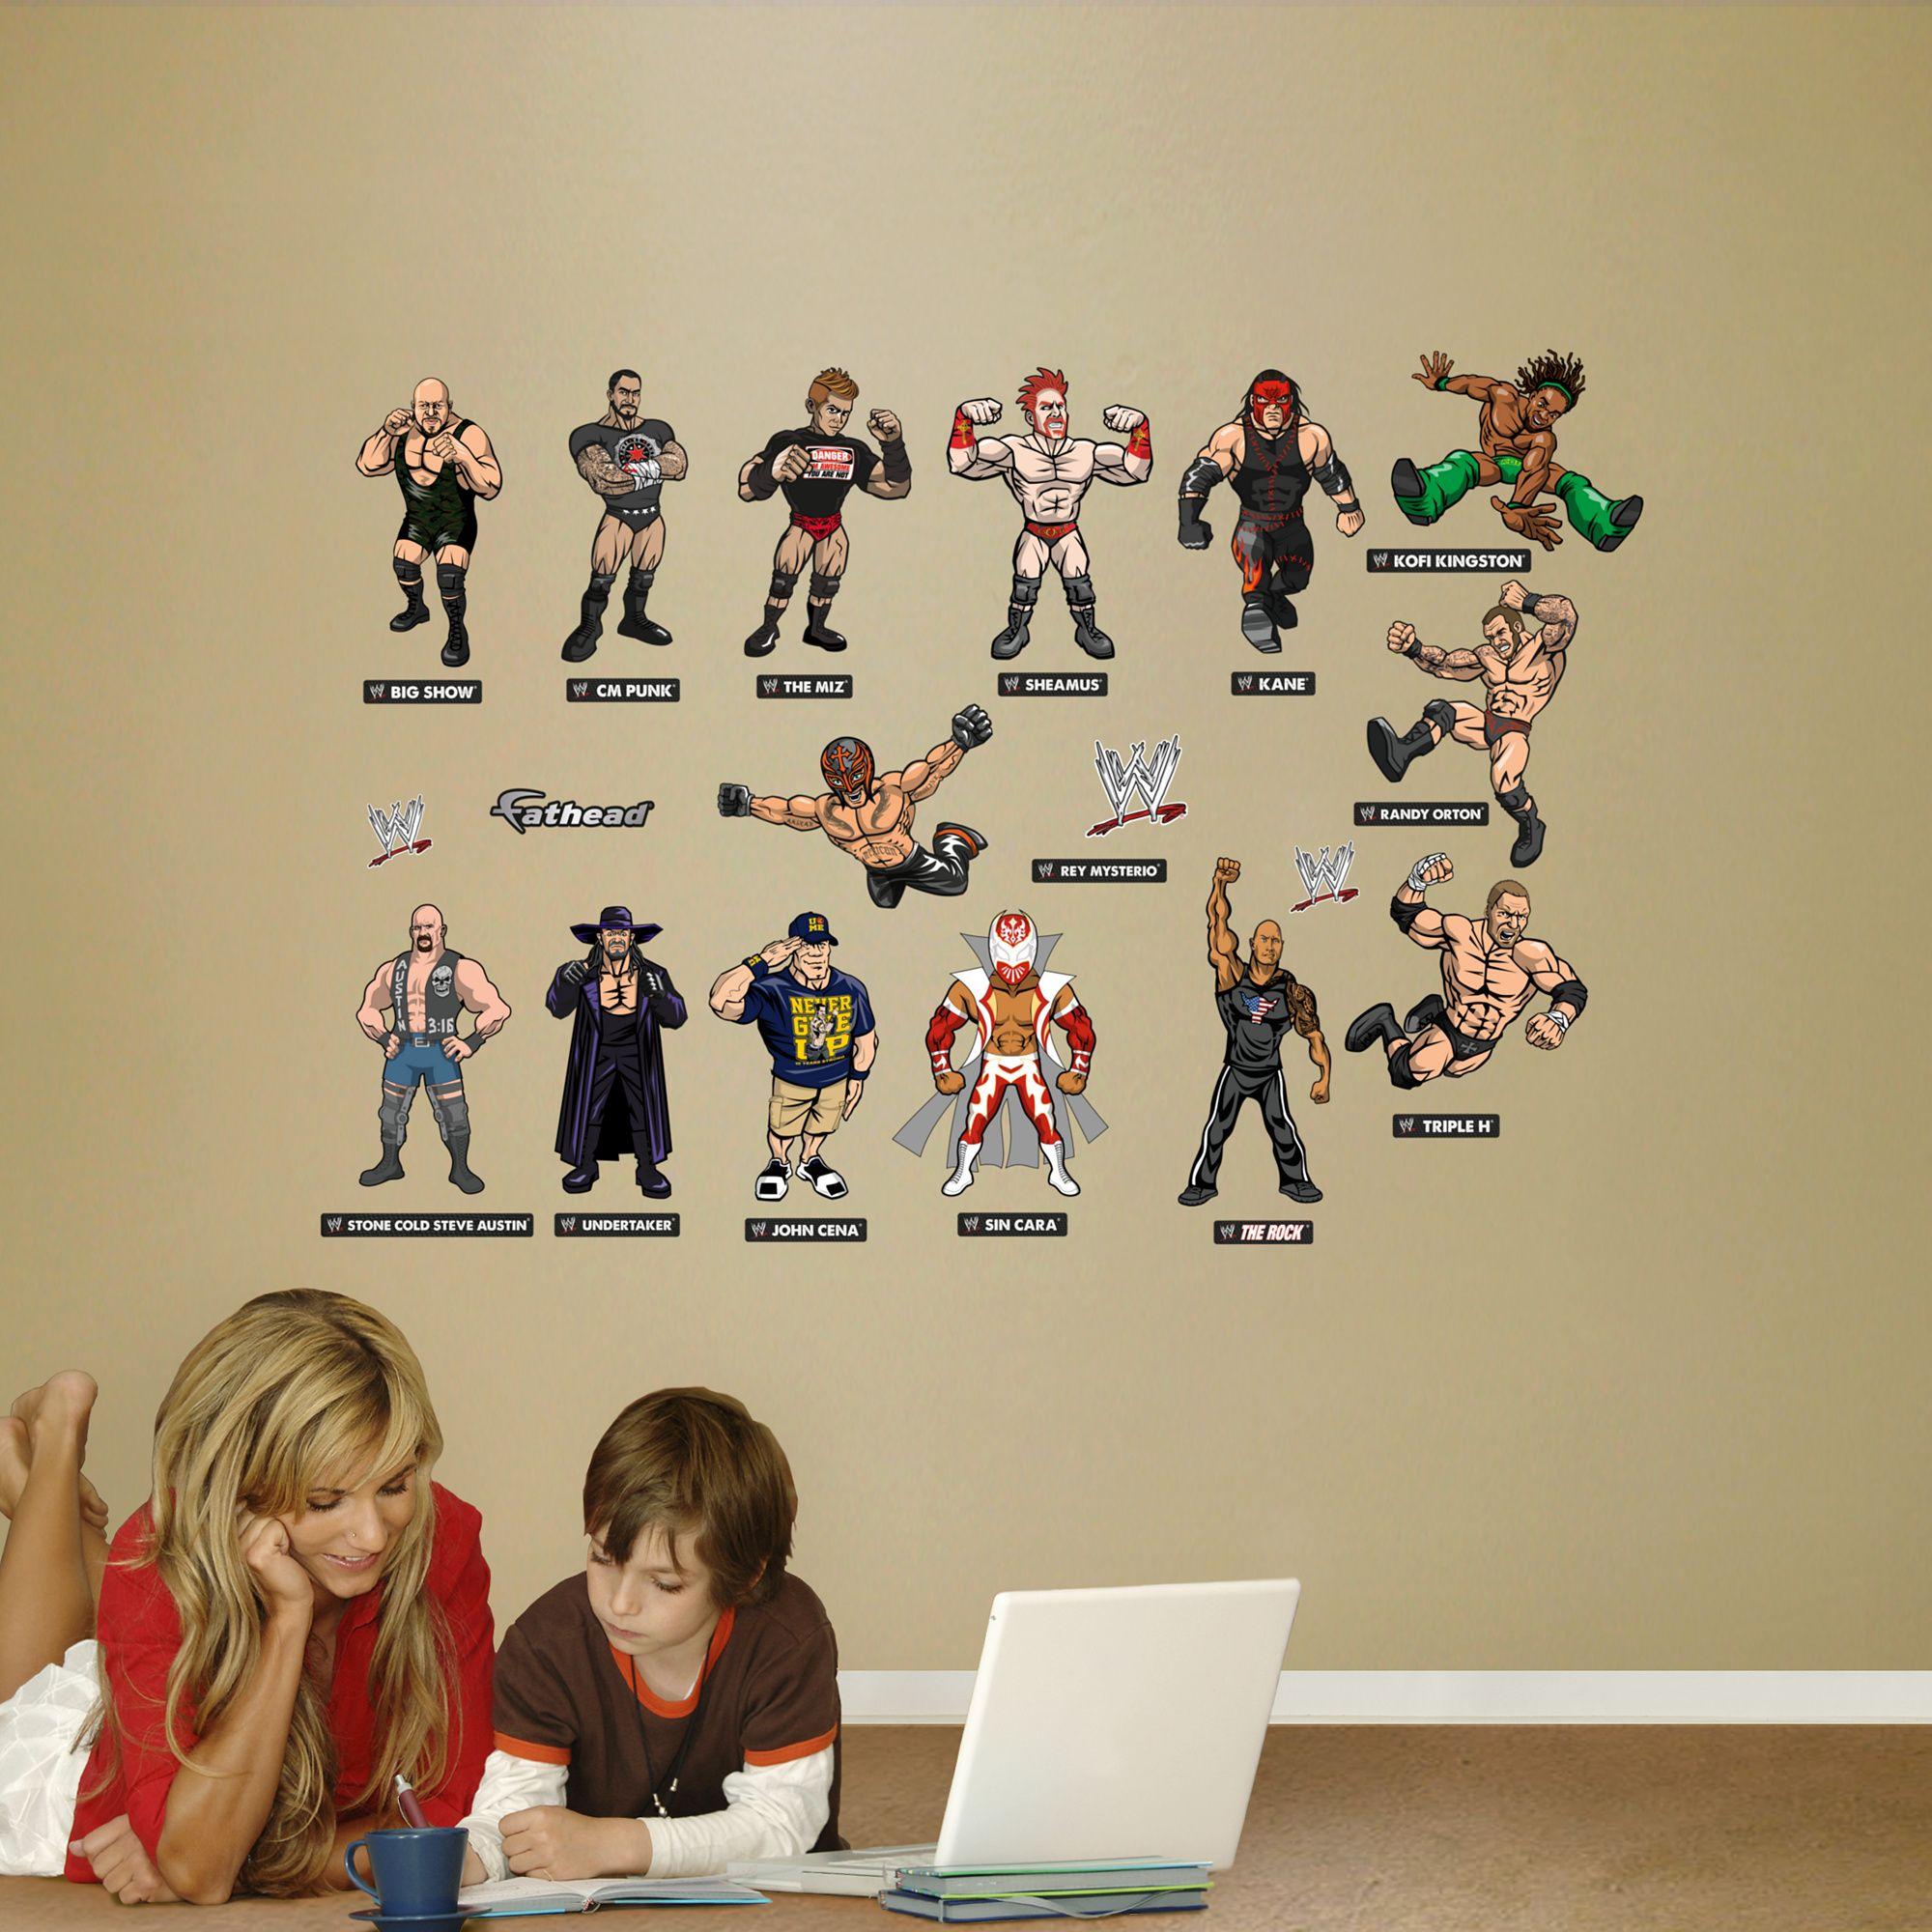 Wwe Kids Collection Wwe Kids Wrestling Wall Decal Sticker Wwe Bedroom Wwe